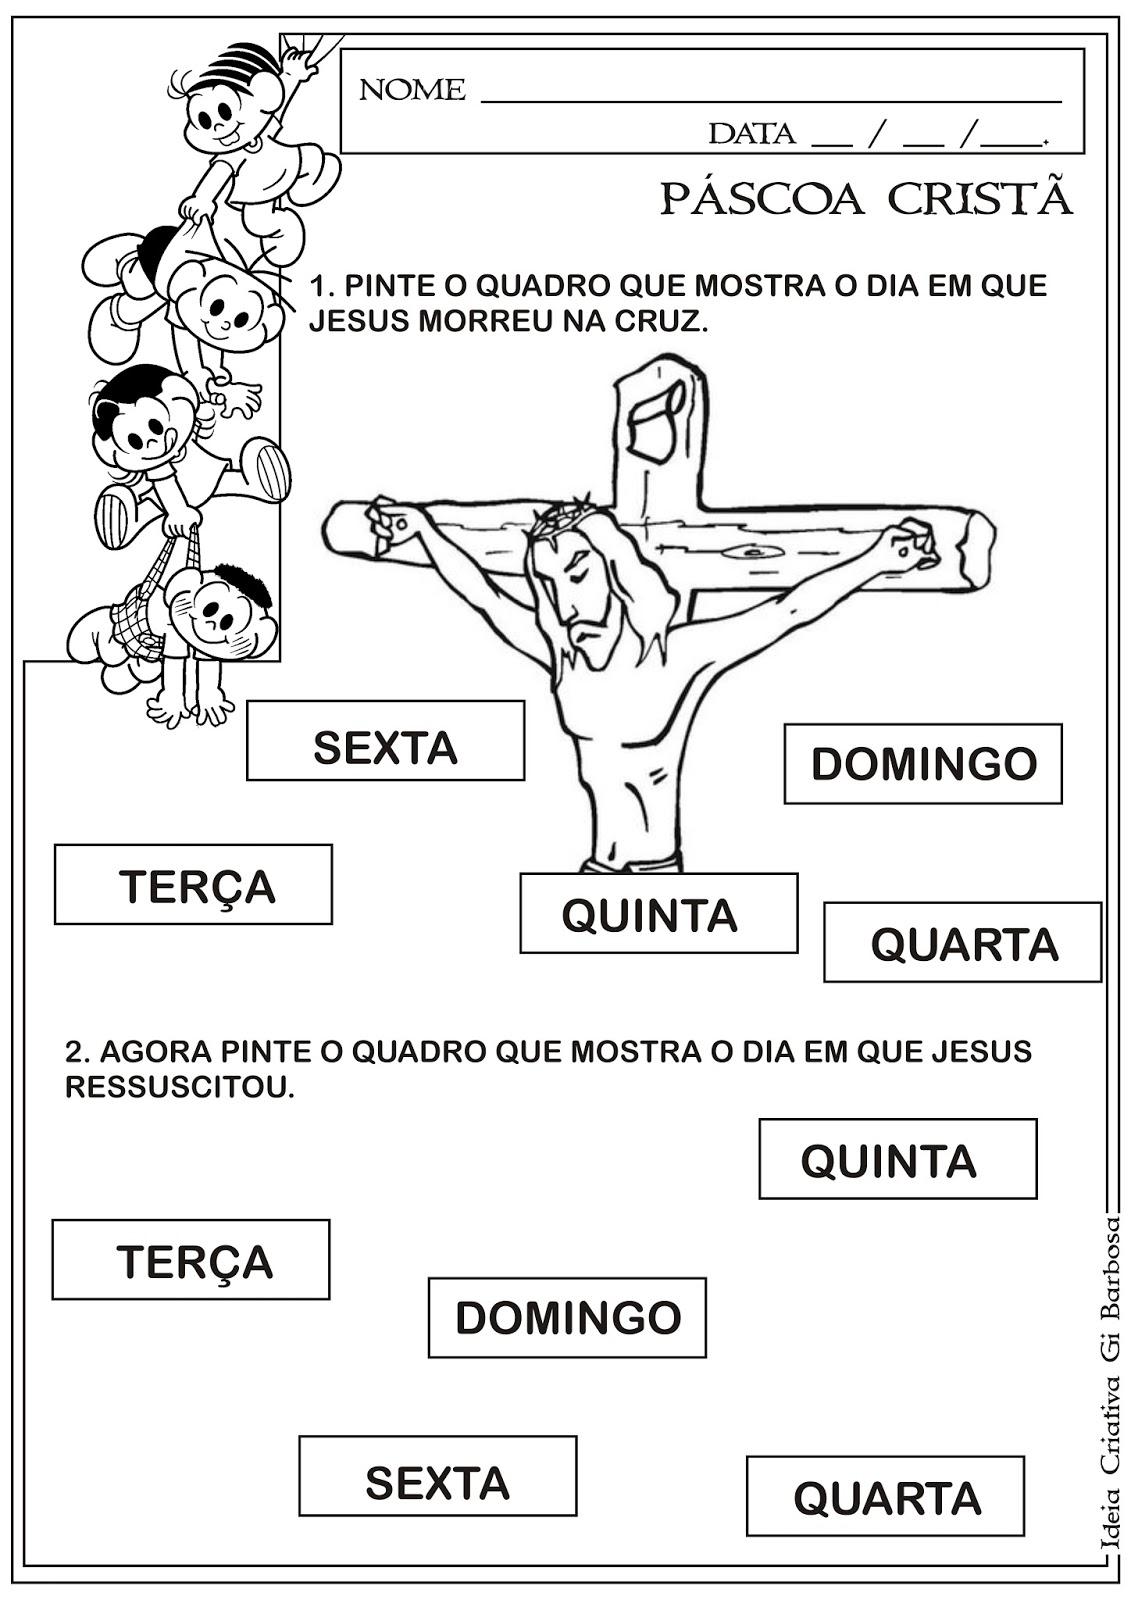 Atividade Páscoa Cristã Morte E Ressurreição